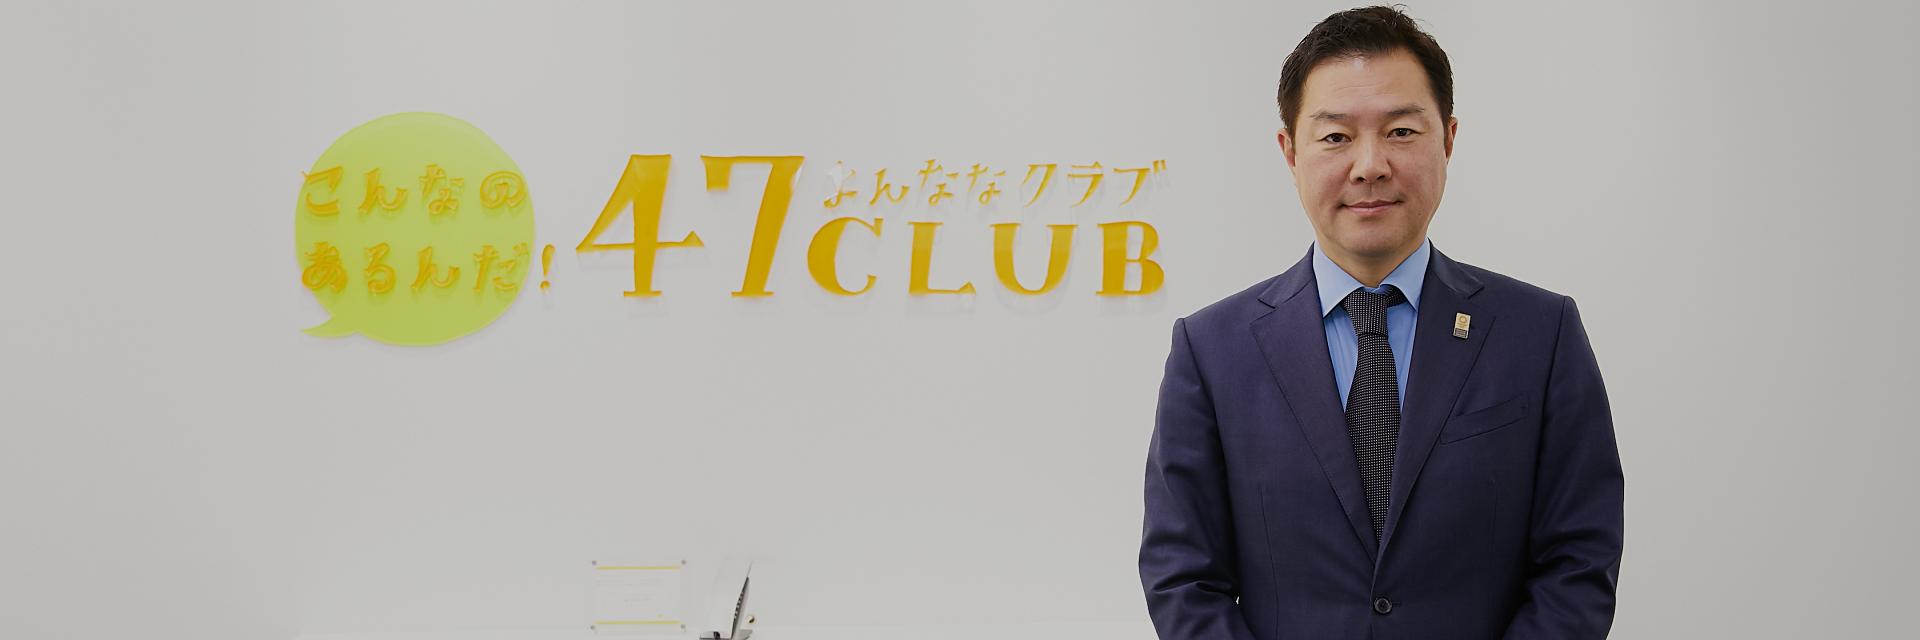 私達と一緒に地方から、日本の未来を変えていこう!